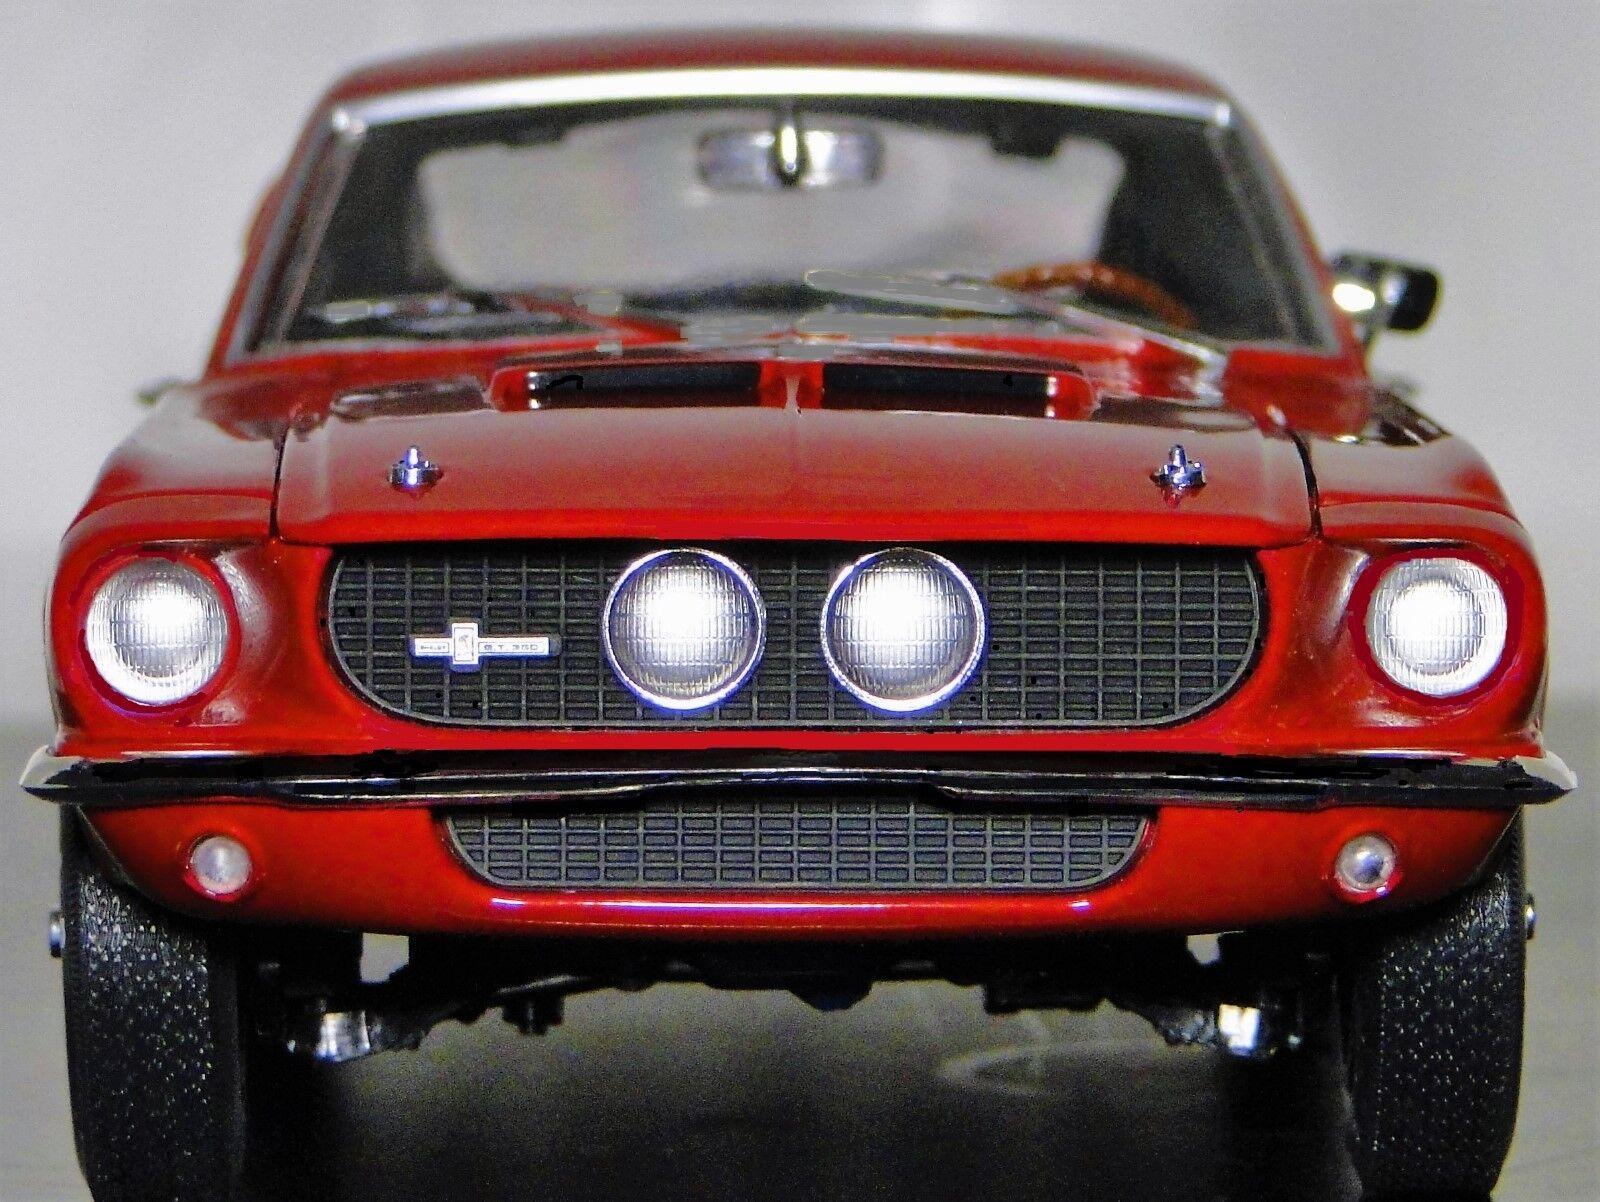 1967 Mustang Ford 1 GT 18 Sport Pony 43 Bil 24 årgång 40 Karusell Röd 12